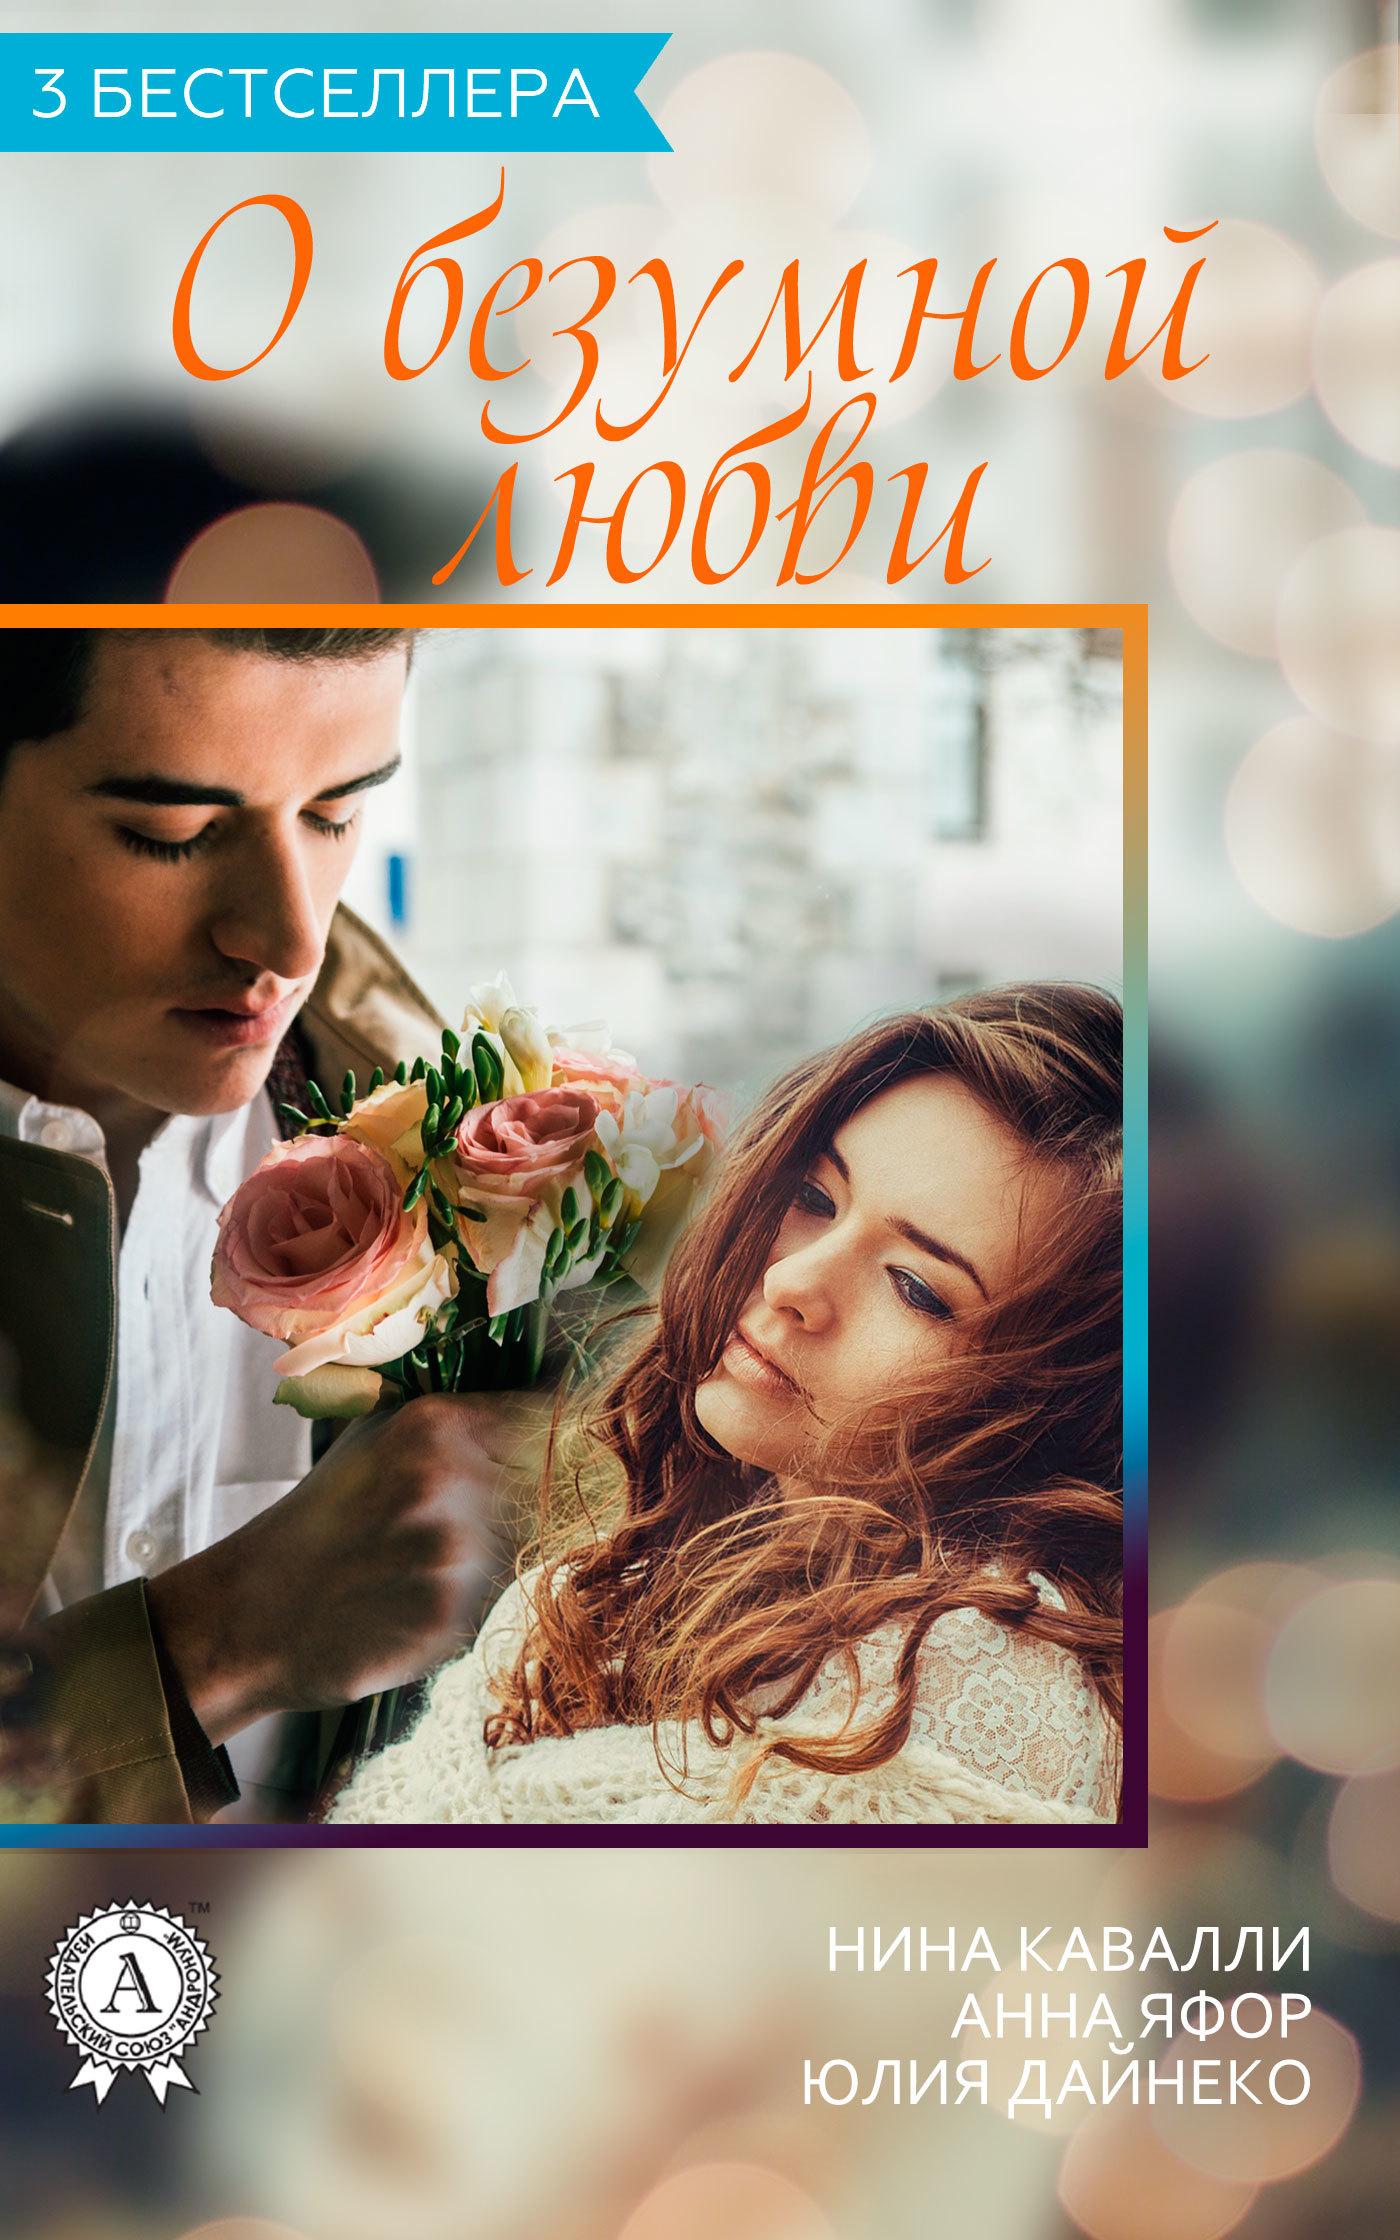 купить Нина Кавалли Сборник «3 бестселлера о безумной любви» по цене 199 рублей